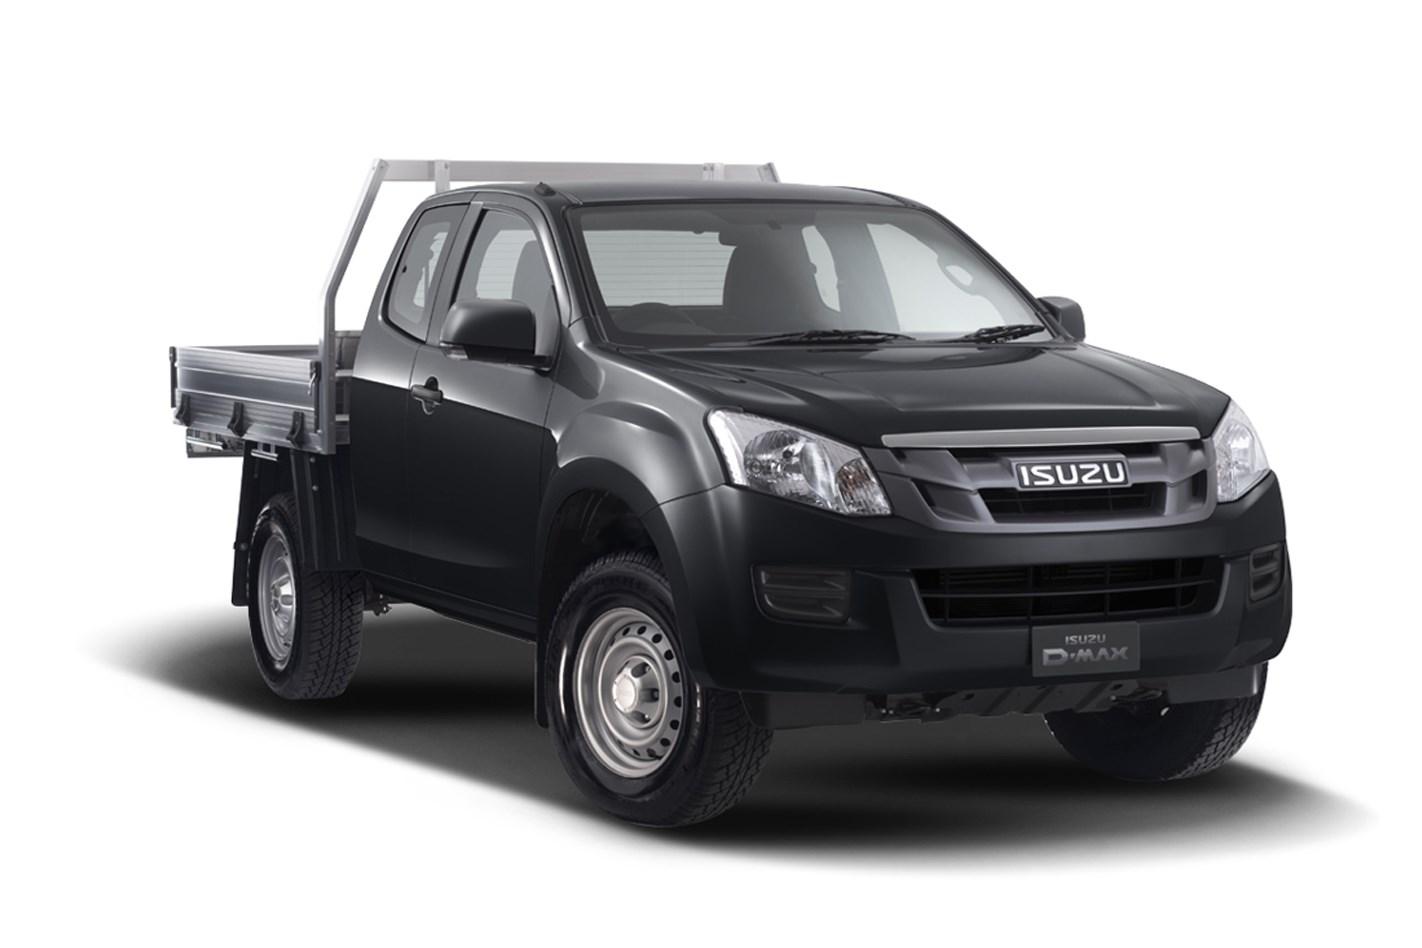 2017 Isuzu D Max Ls U Hi Ride 4x4 3 0l 4cyl Diesel Turbocharged